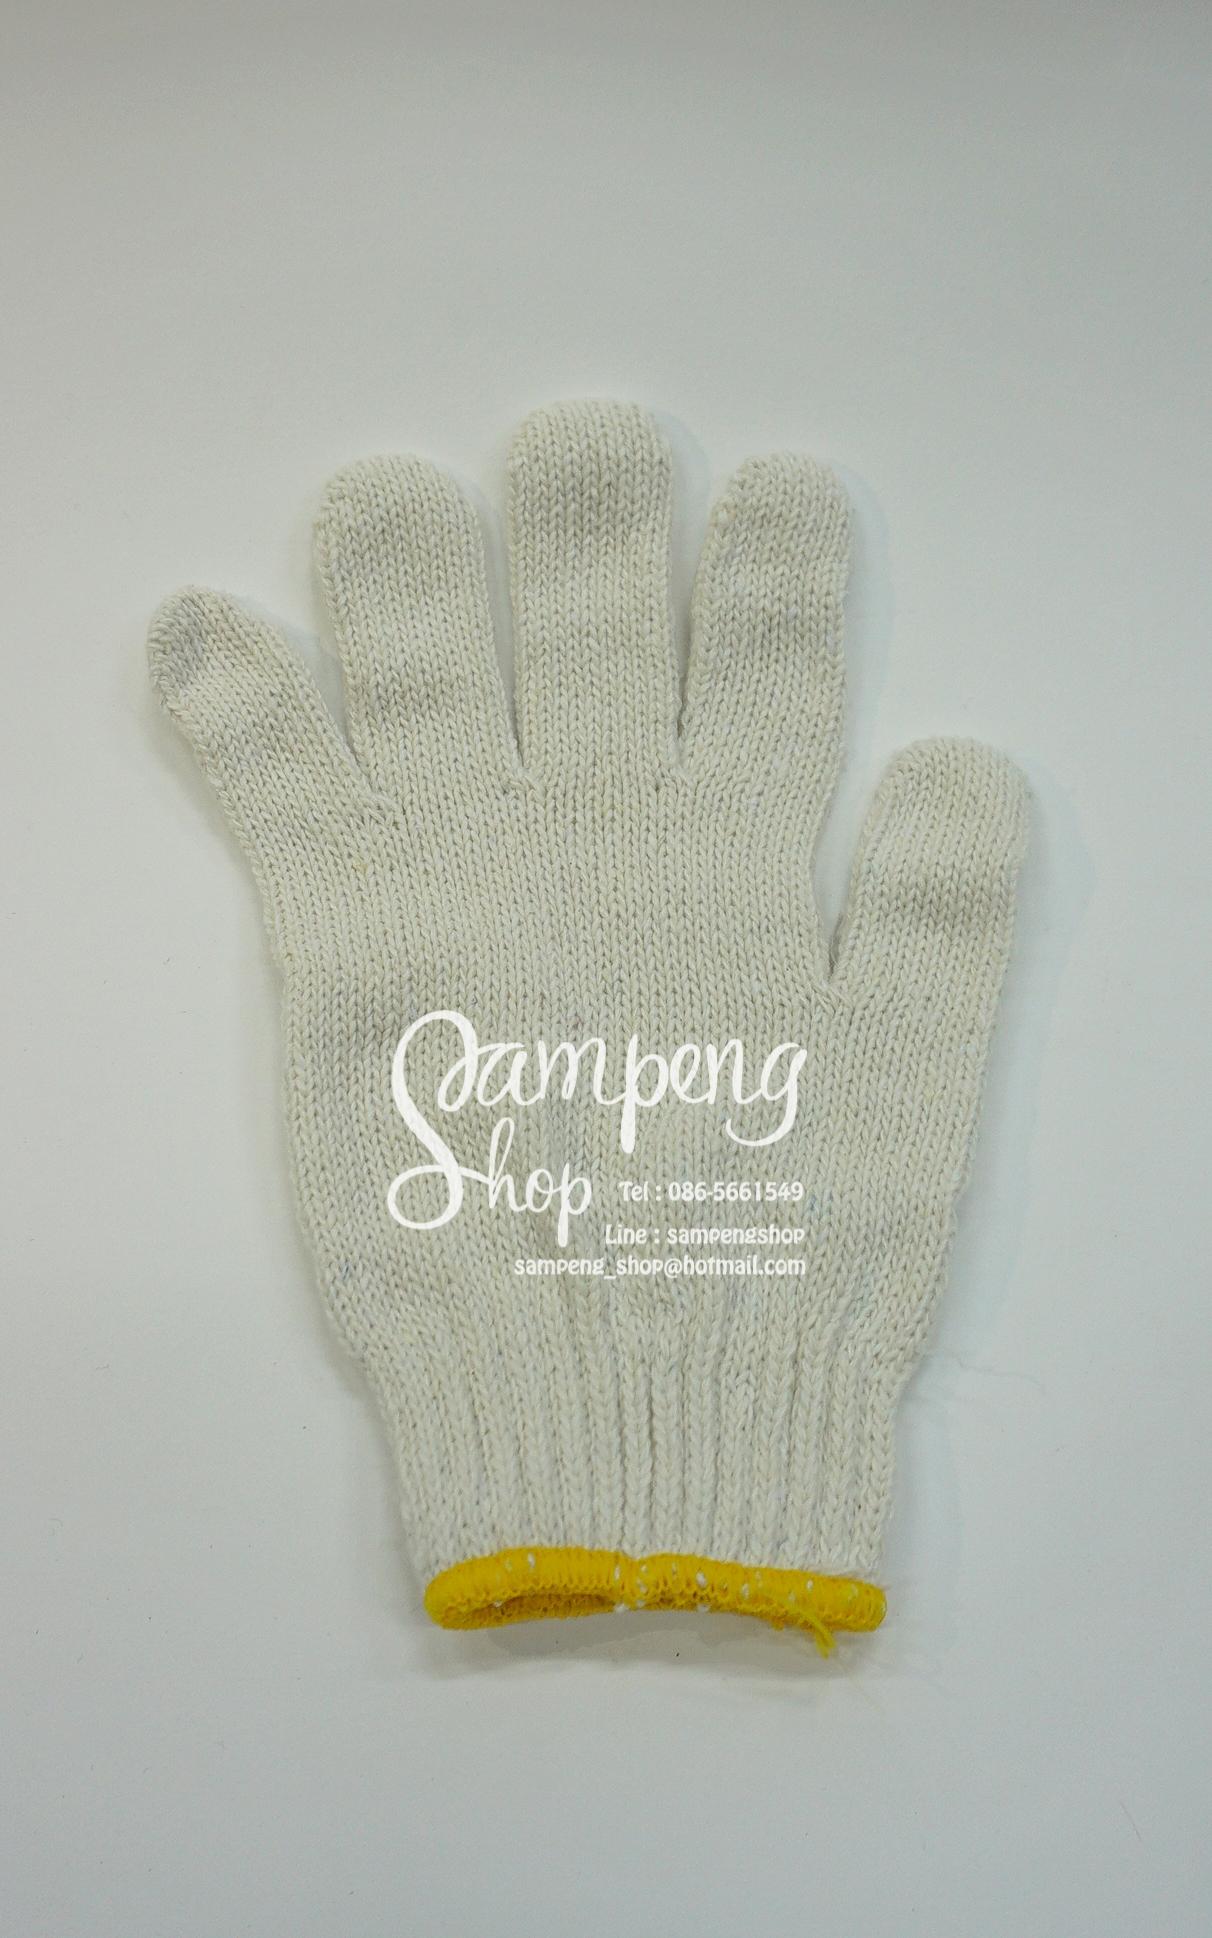 ถุงมือขาว ขอบเหลือง